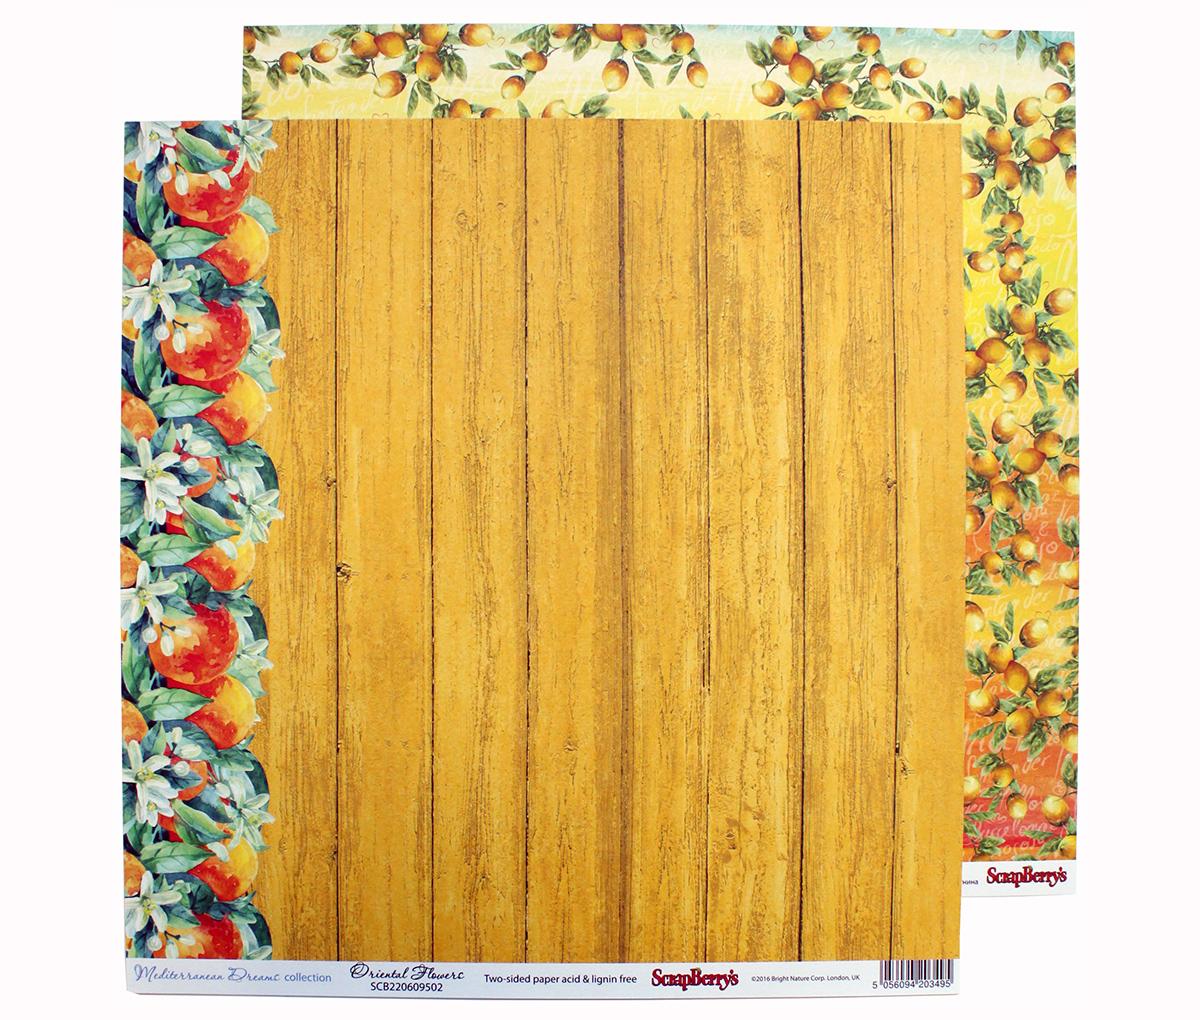 Бумага для скрапбукинга ScrapBerrys Средиземноморье. Цитрусовый сад, двухсторонняя, 30,5 х 30,5 см, 10 штNLED-454-9W-BKБумага для скрапбукинга ScrapBerrys позволит создать красивый альбом, фоторамку или открытку ручной работы, оформить подарок или аппликацию. Набор включает в себя 10 листов из плотной бумаги.Скрапбукинг - это хобби, которое способно приносить массу приятных эмоций не только человеку, который этим занимается, но и его близким, друзьям, родным. Это невероятно увлекательное занятие, которое поможет вам сохранить наиболее памятные и яркие моменты вашей жизни, а также интересно оформить интерьер дома.Размер листа: 30,5 х 30,5 см.